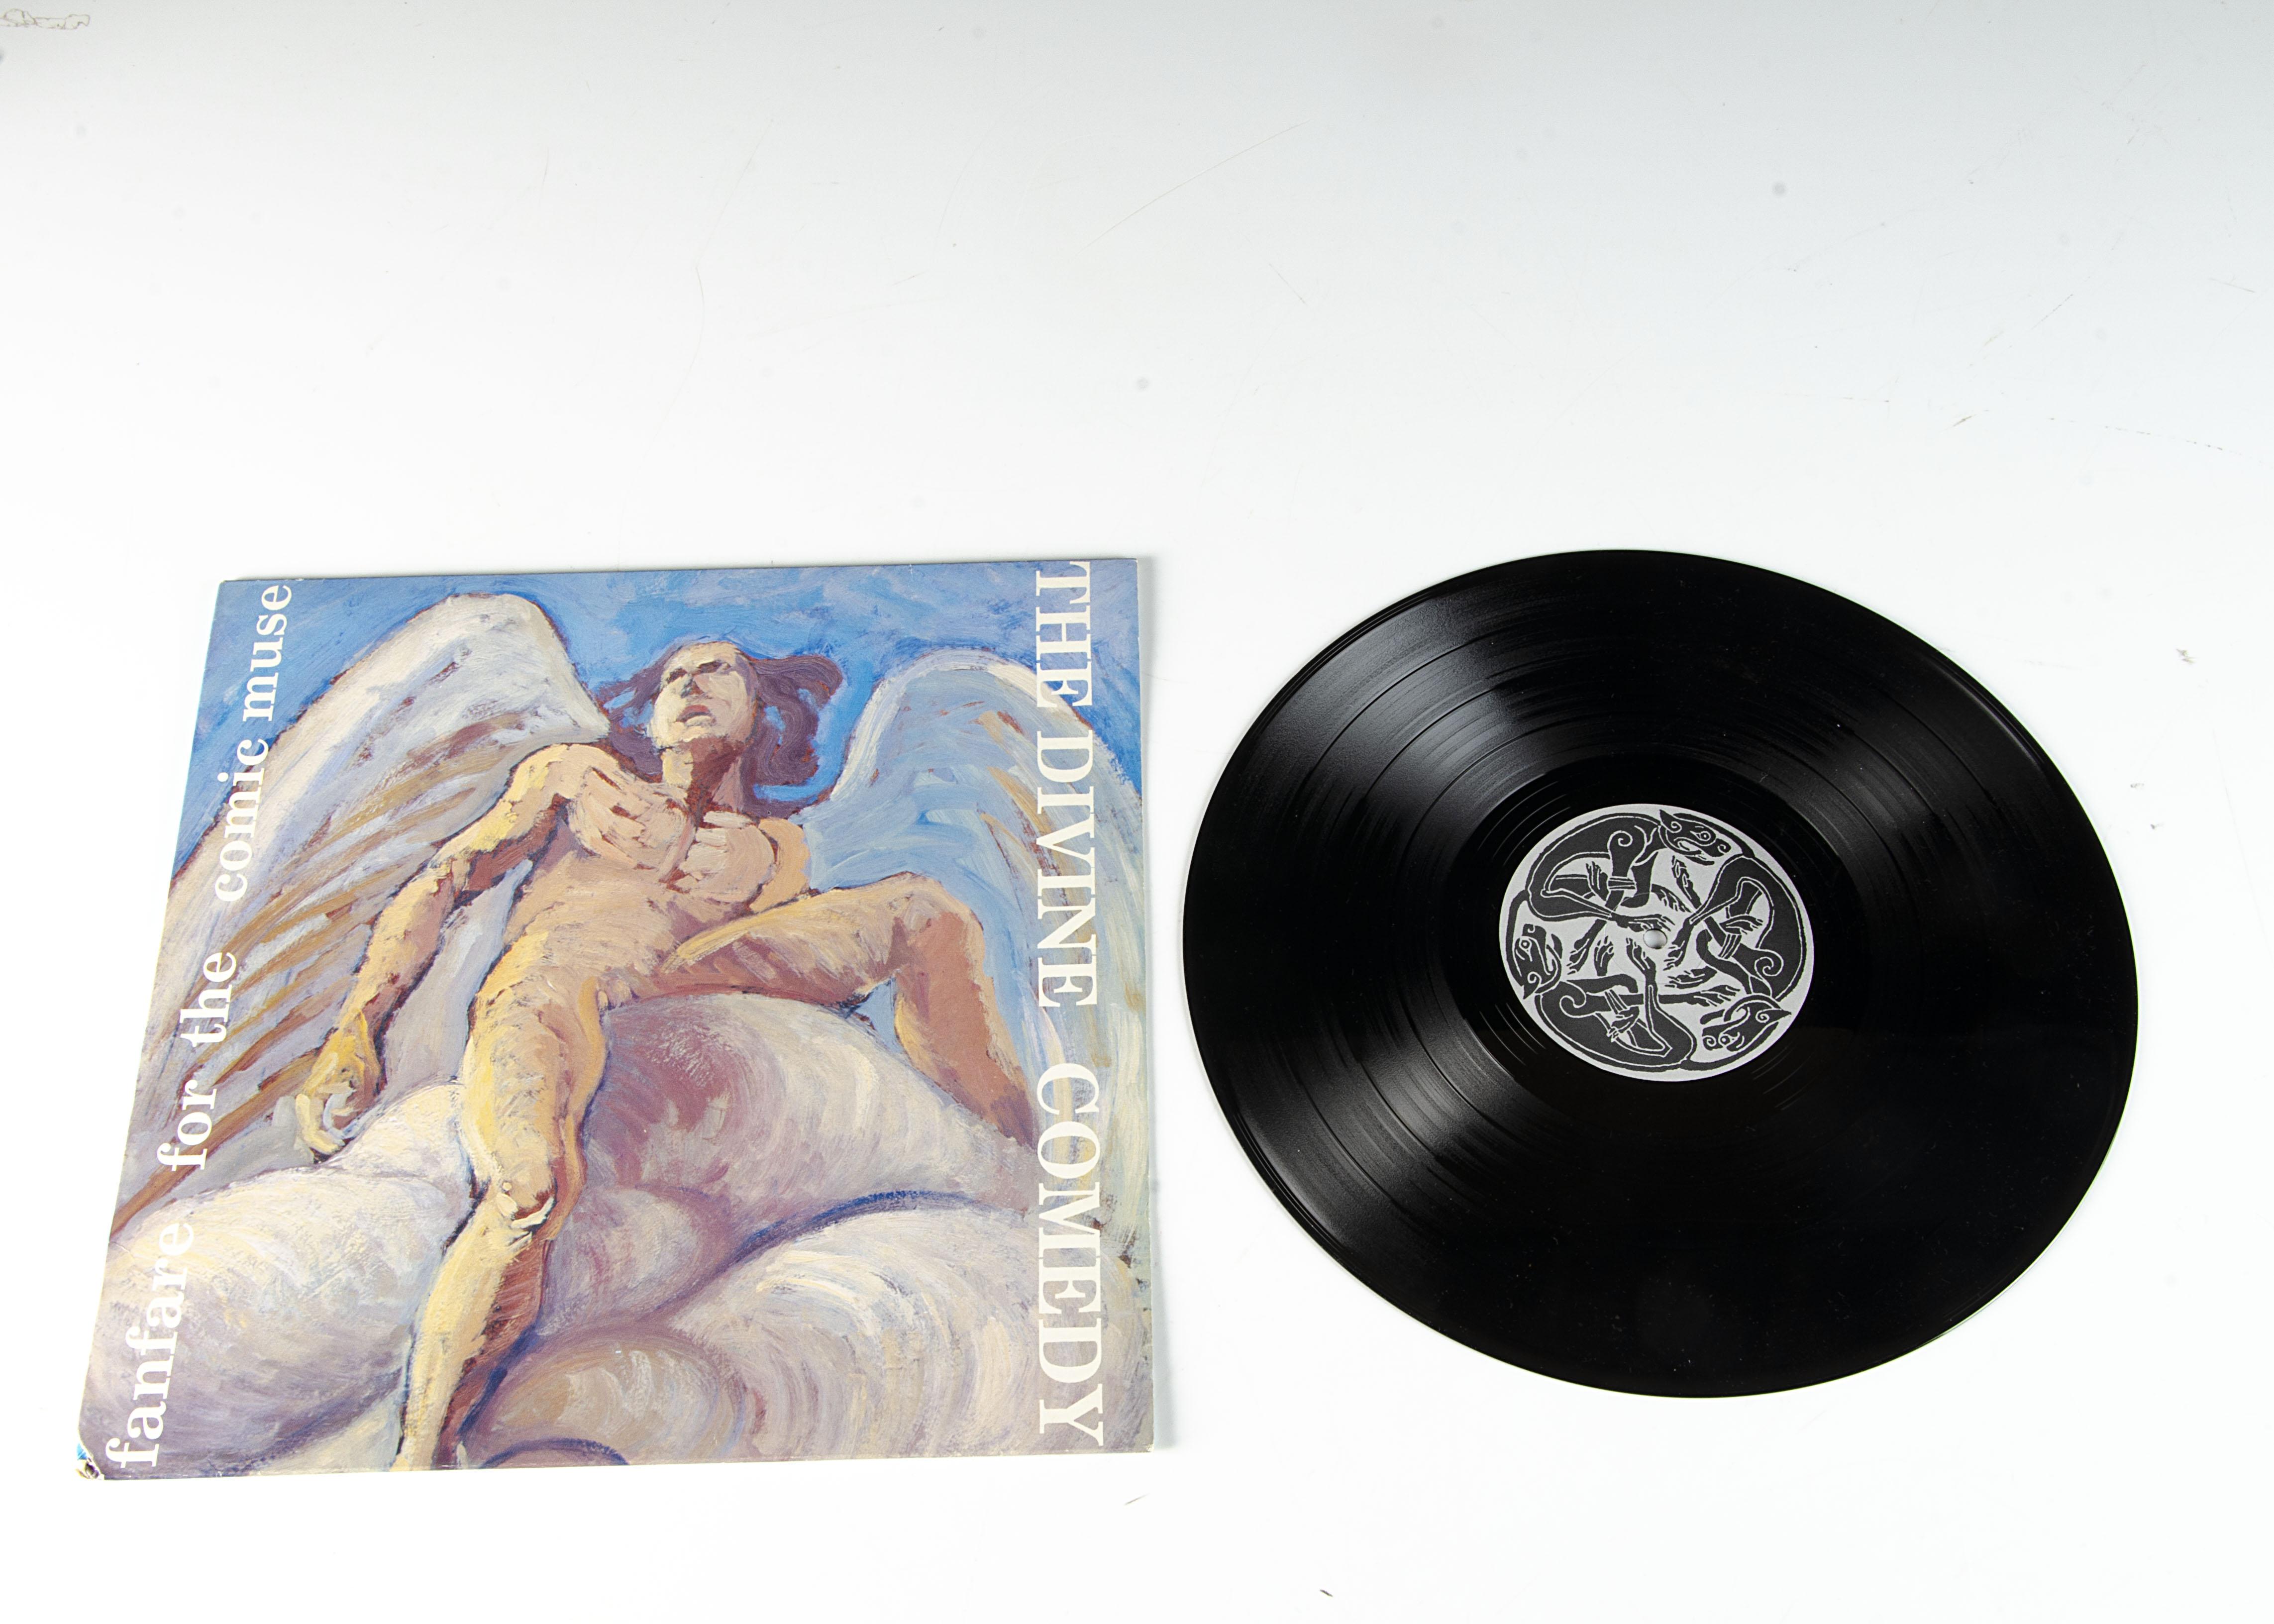 Divine Comedy LP, Fanfare For The Comic Muse LP - original UK release 1990 on Setanta (SET LPM